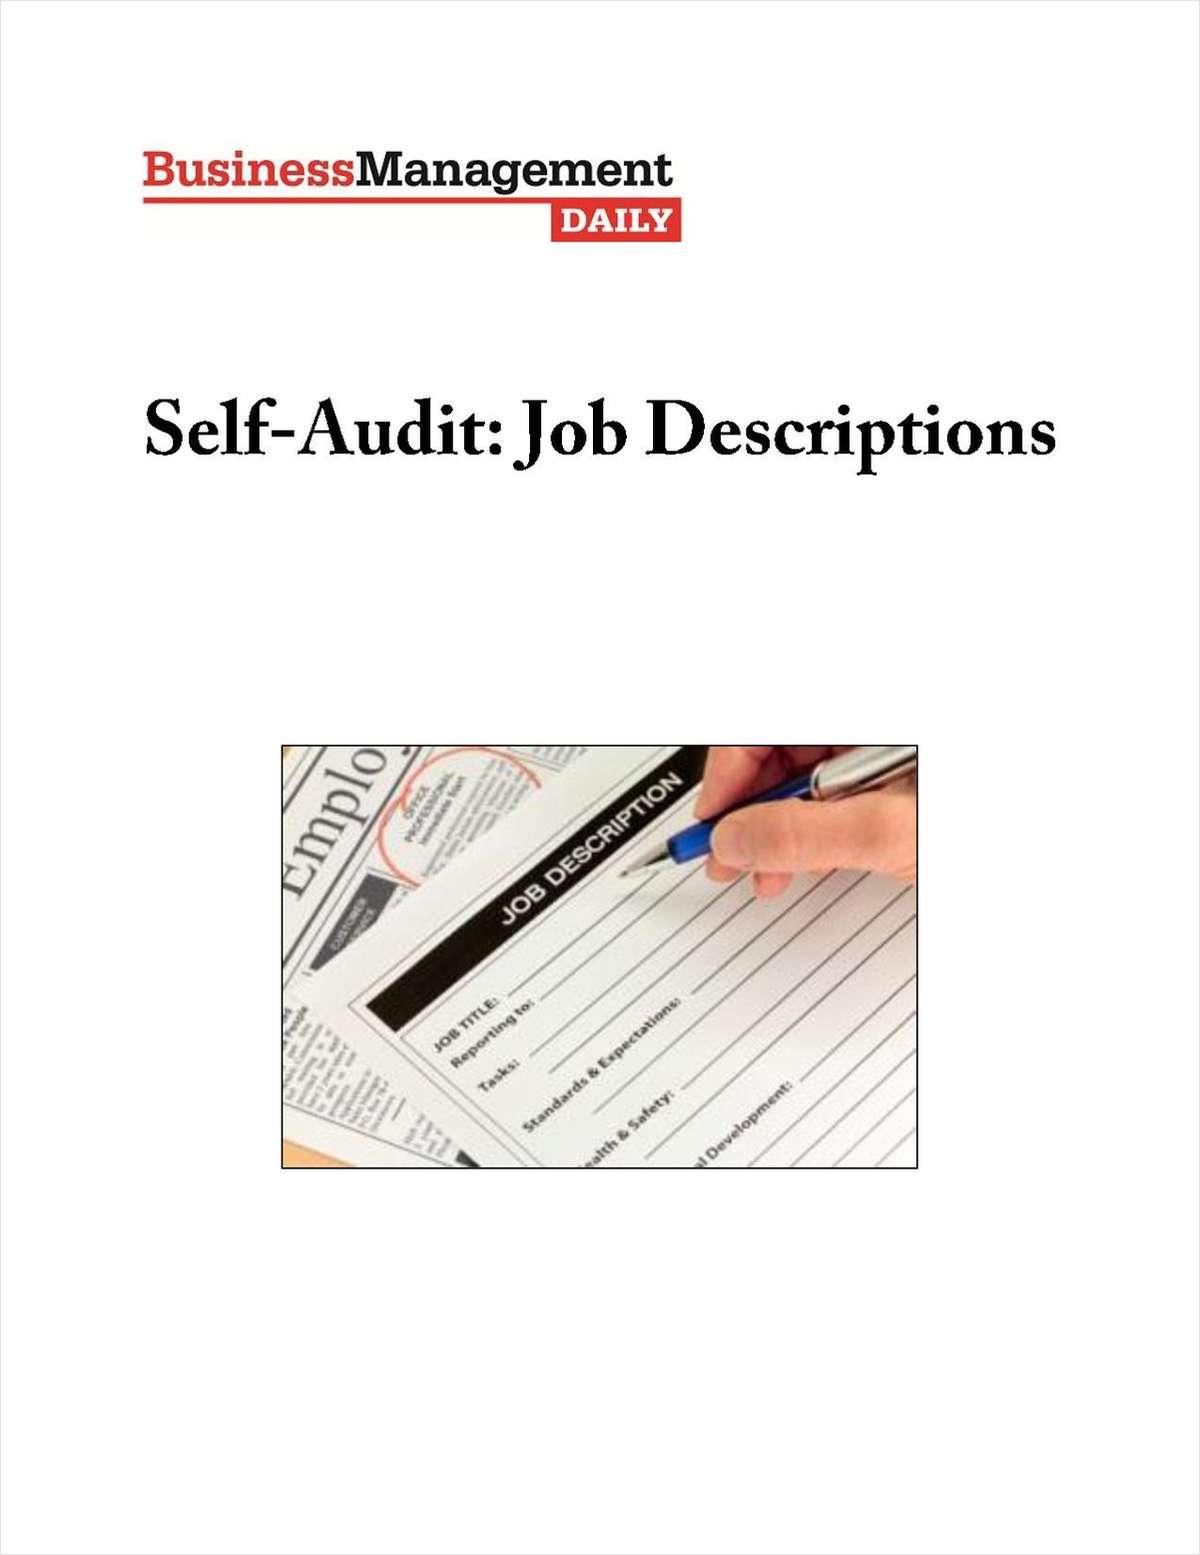 Self-Audit: Job Descriptions